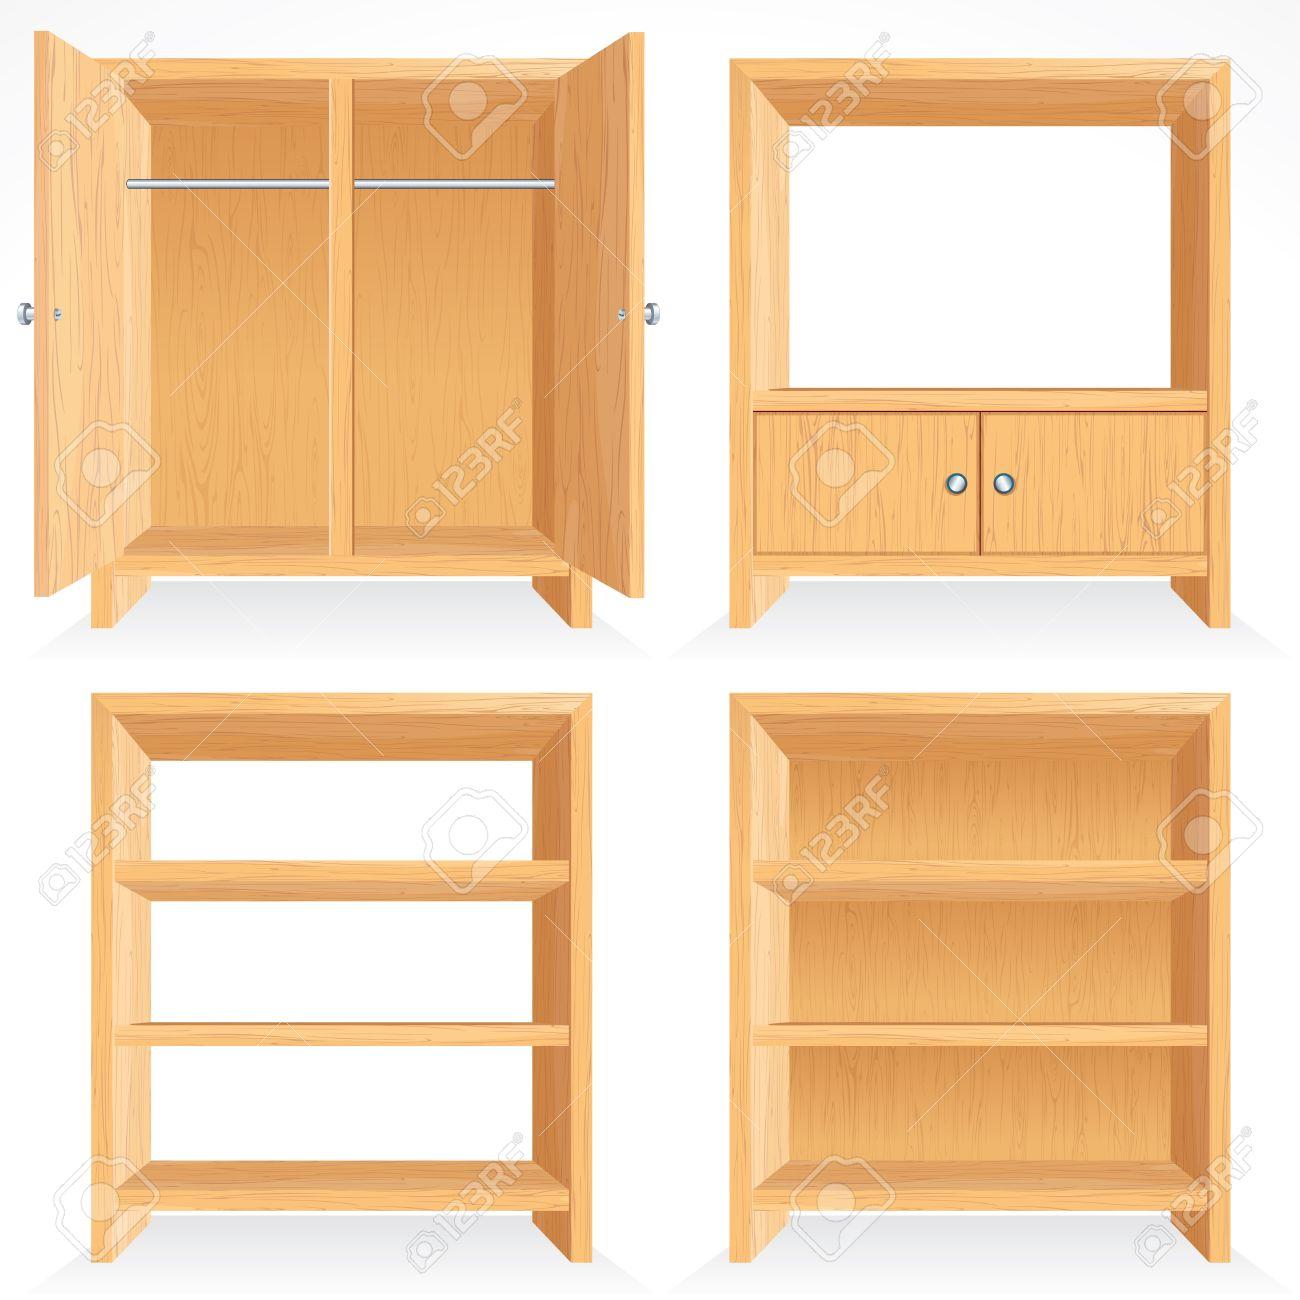 conjunto de vectores de muebles de madera natural estantera aislado gabinete armario